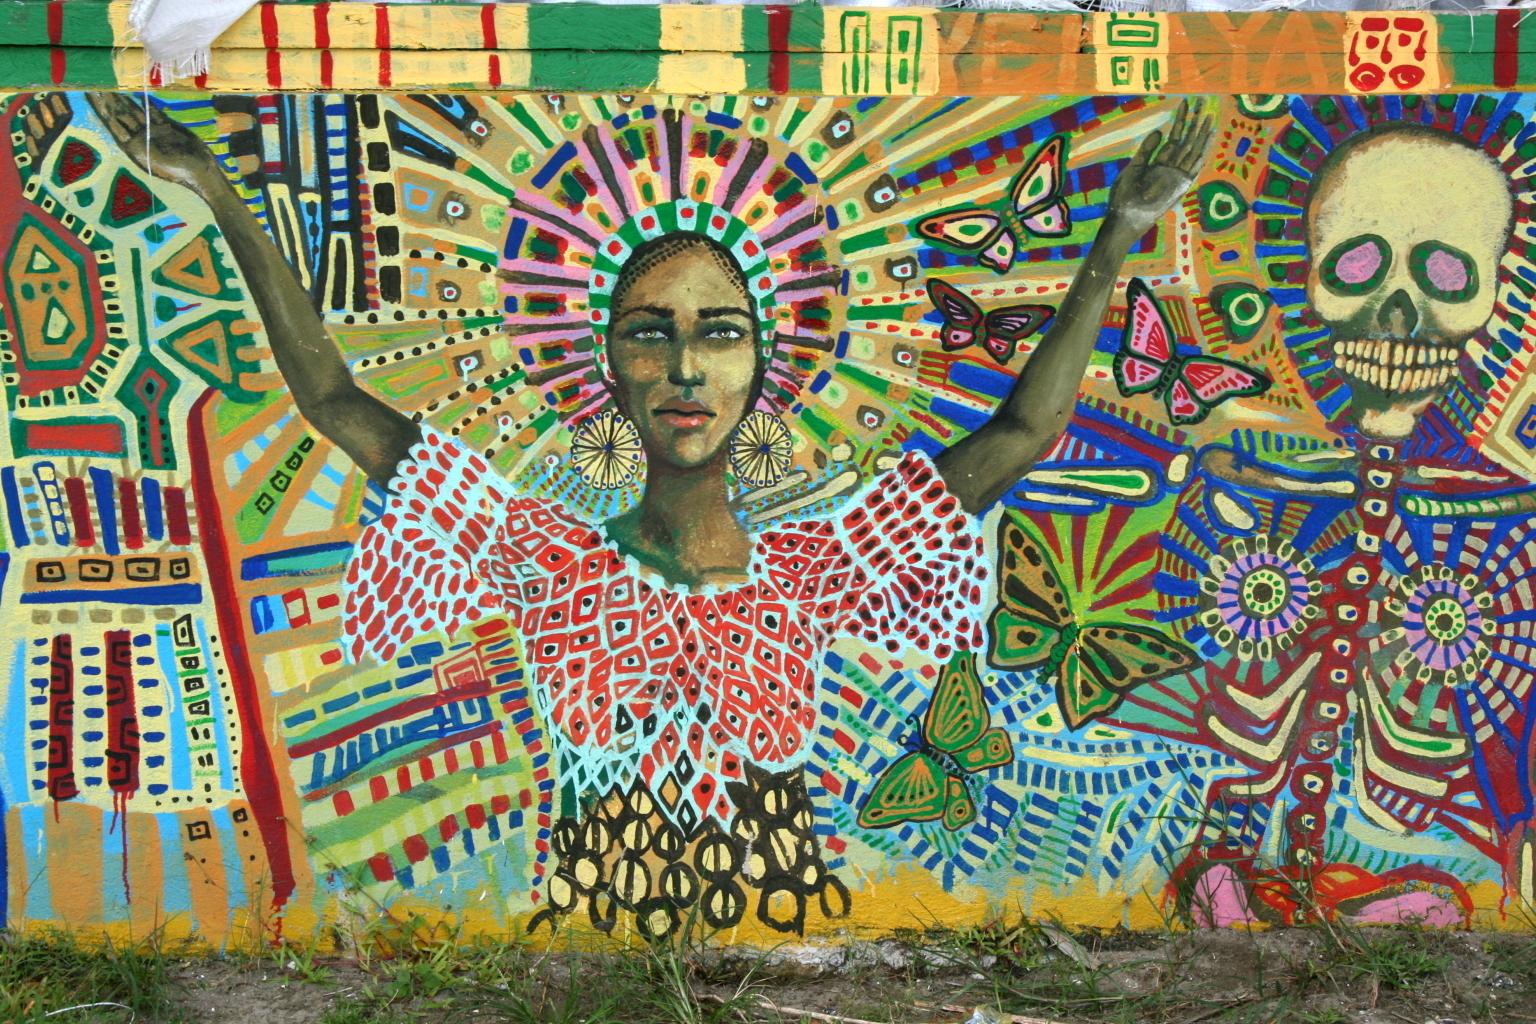 Seinämaalaus Livingstonissa. Kuva: Flickr/Gerrigje Engelen